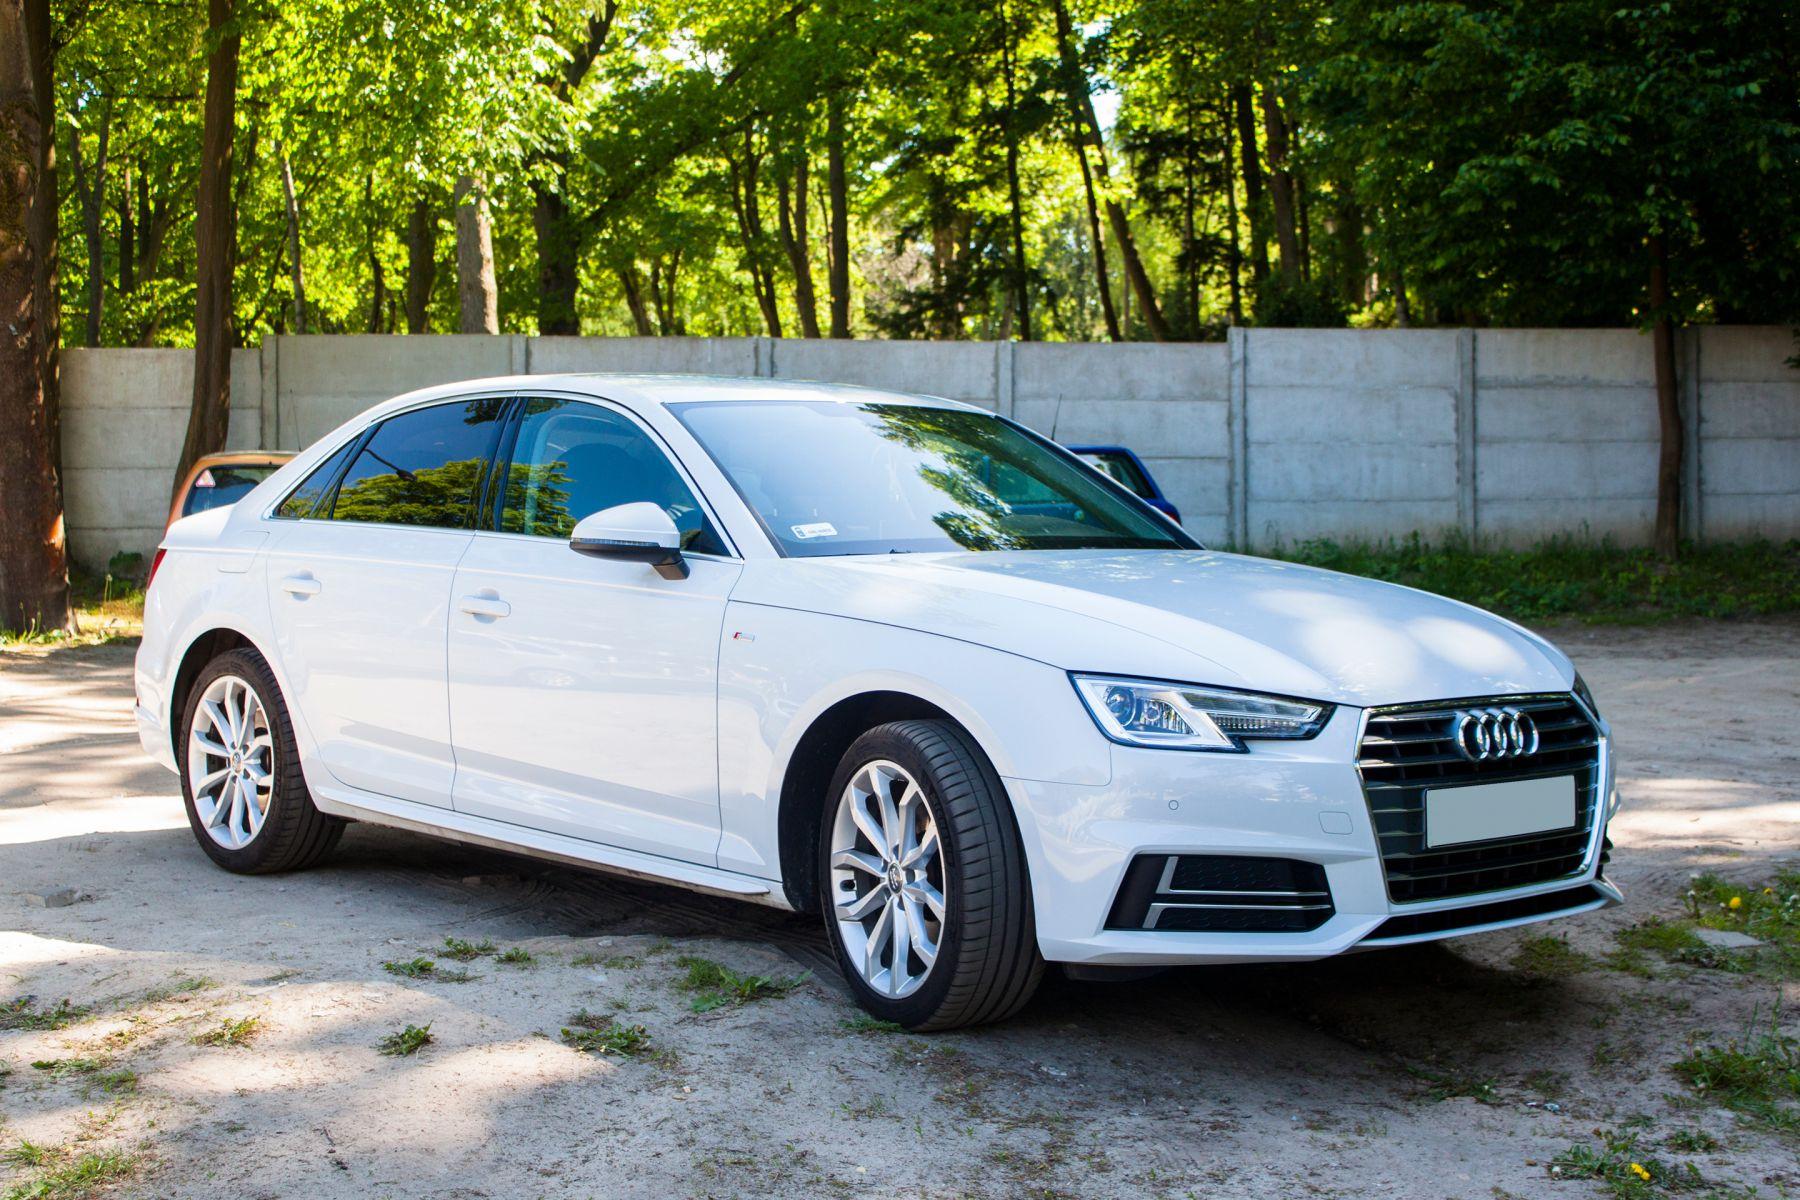 好市多賣起Audi豪車 原價254萬下殺200萬有找